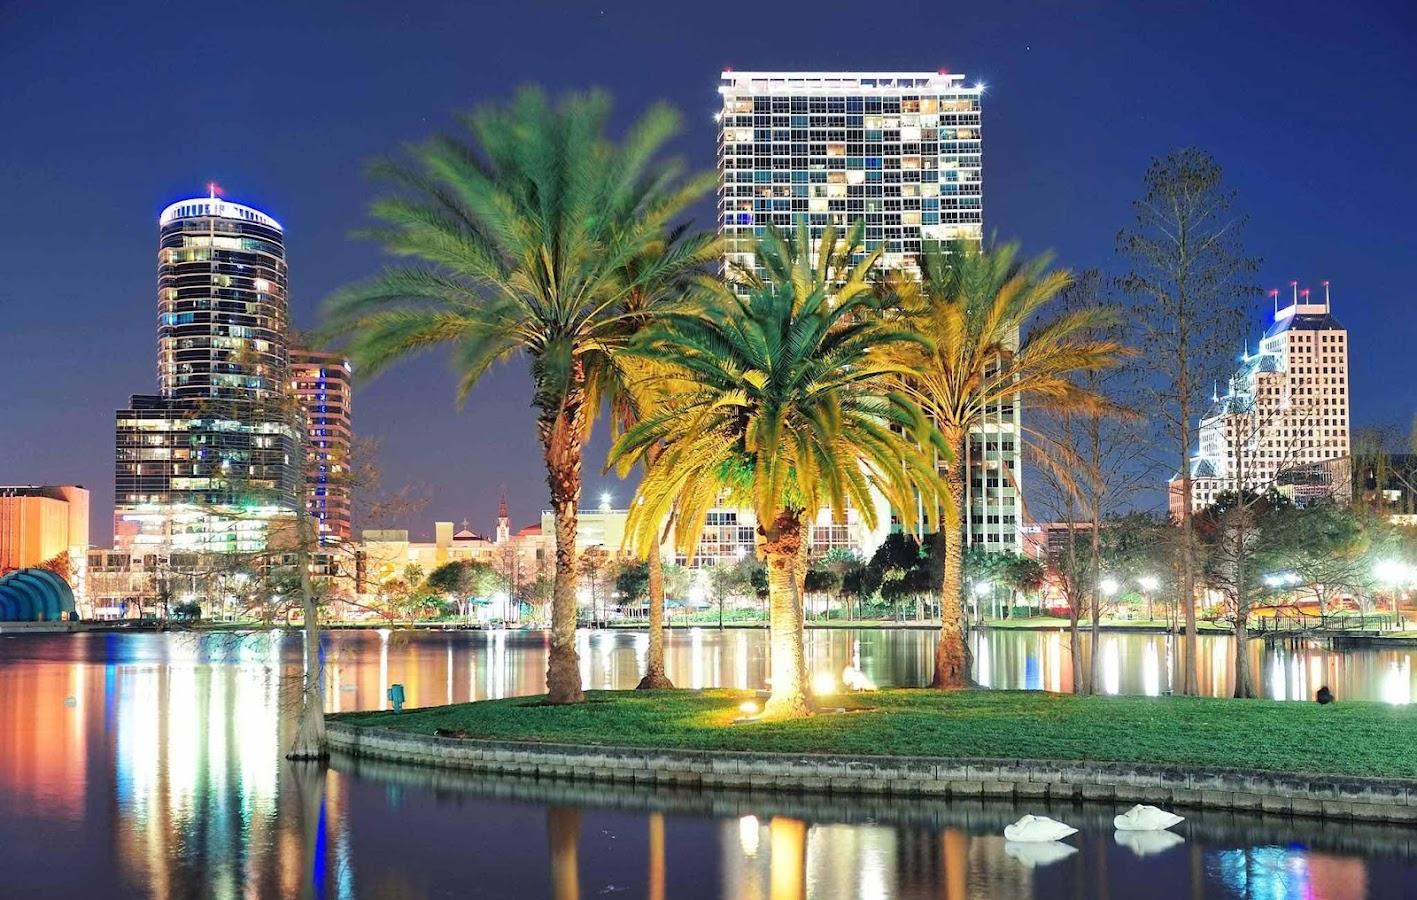 Orlando City Live Wallpaper- screenshot - Orlando City Live Wallpaper - Android Apps On Google Play